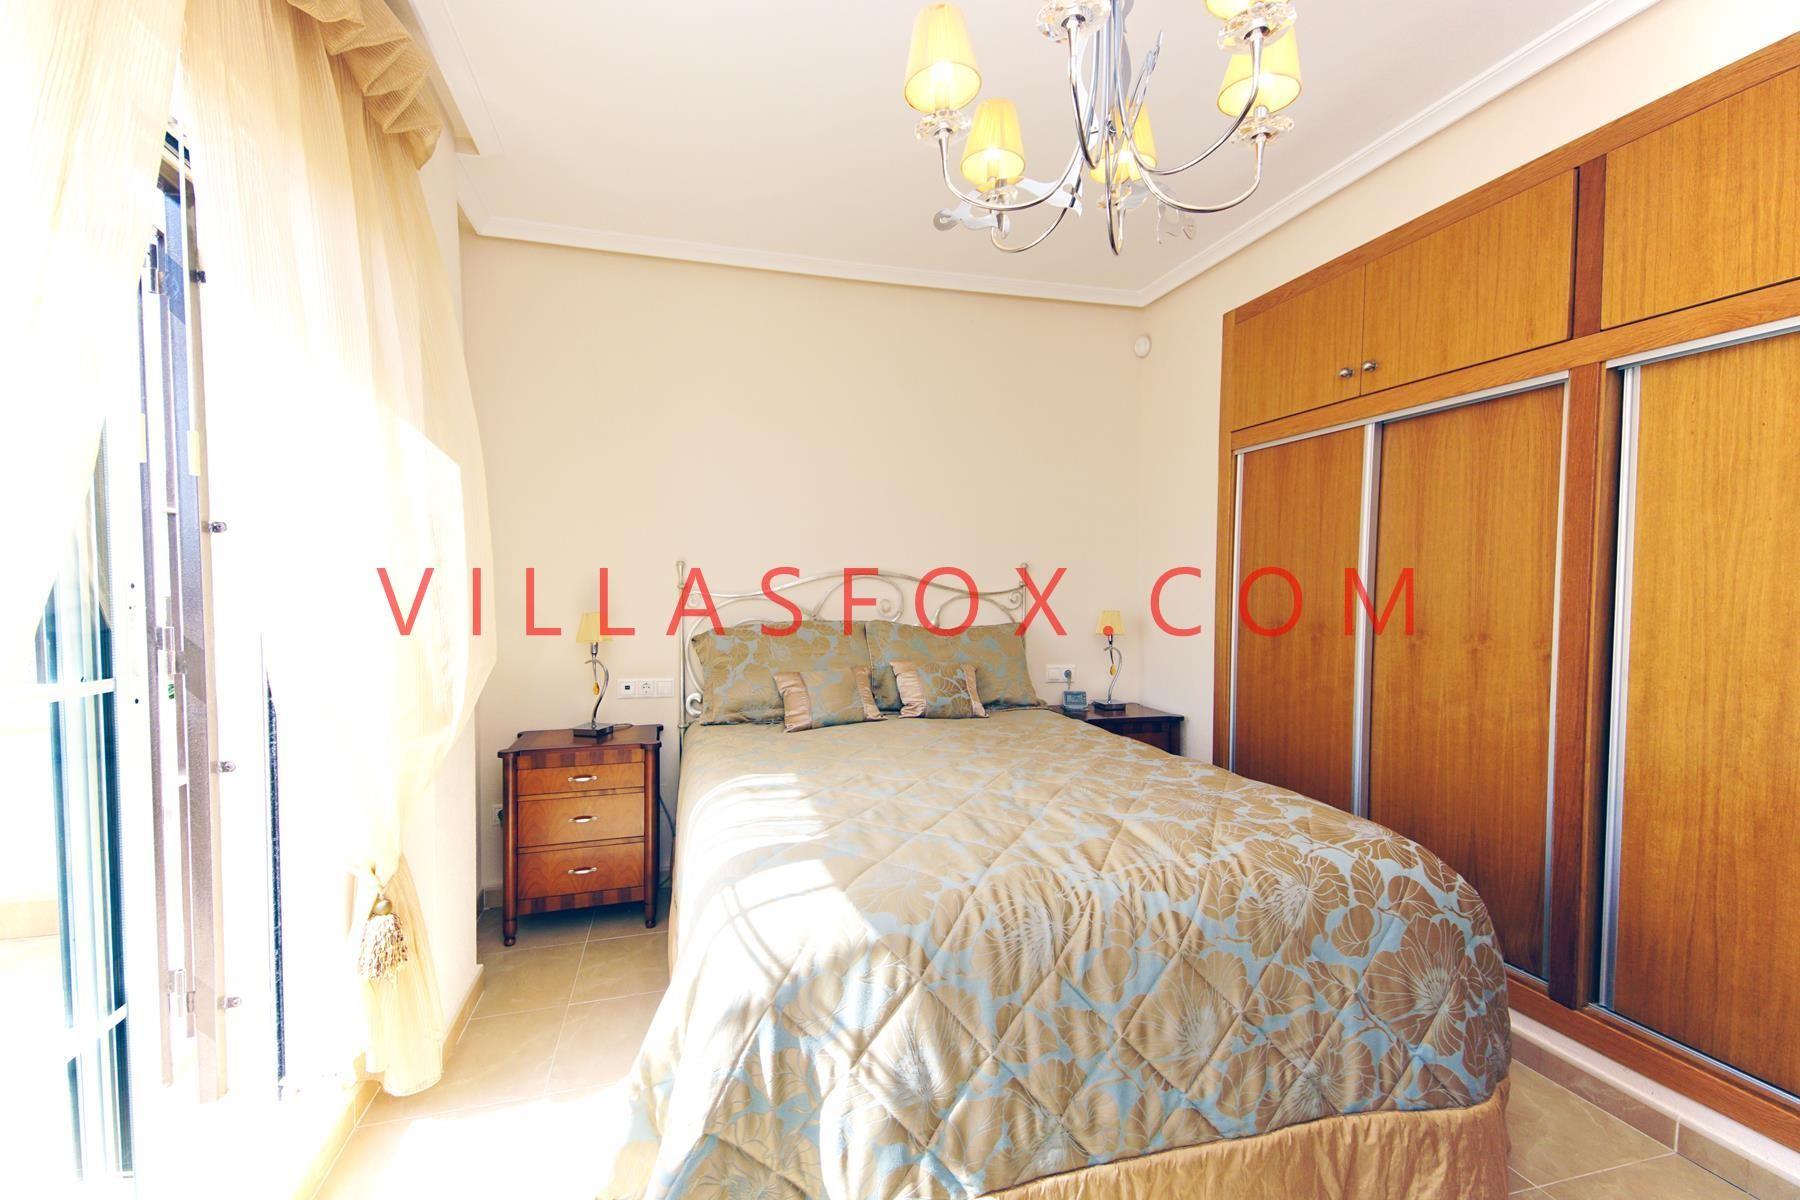 3-bedroom semi-detached villa, Los Flamencos, Mirador de San Miguel